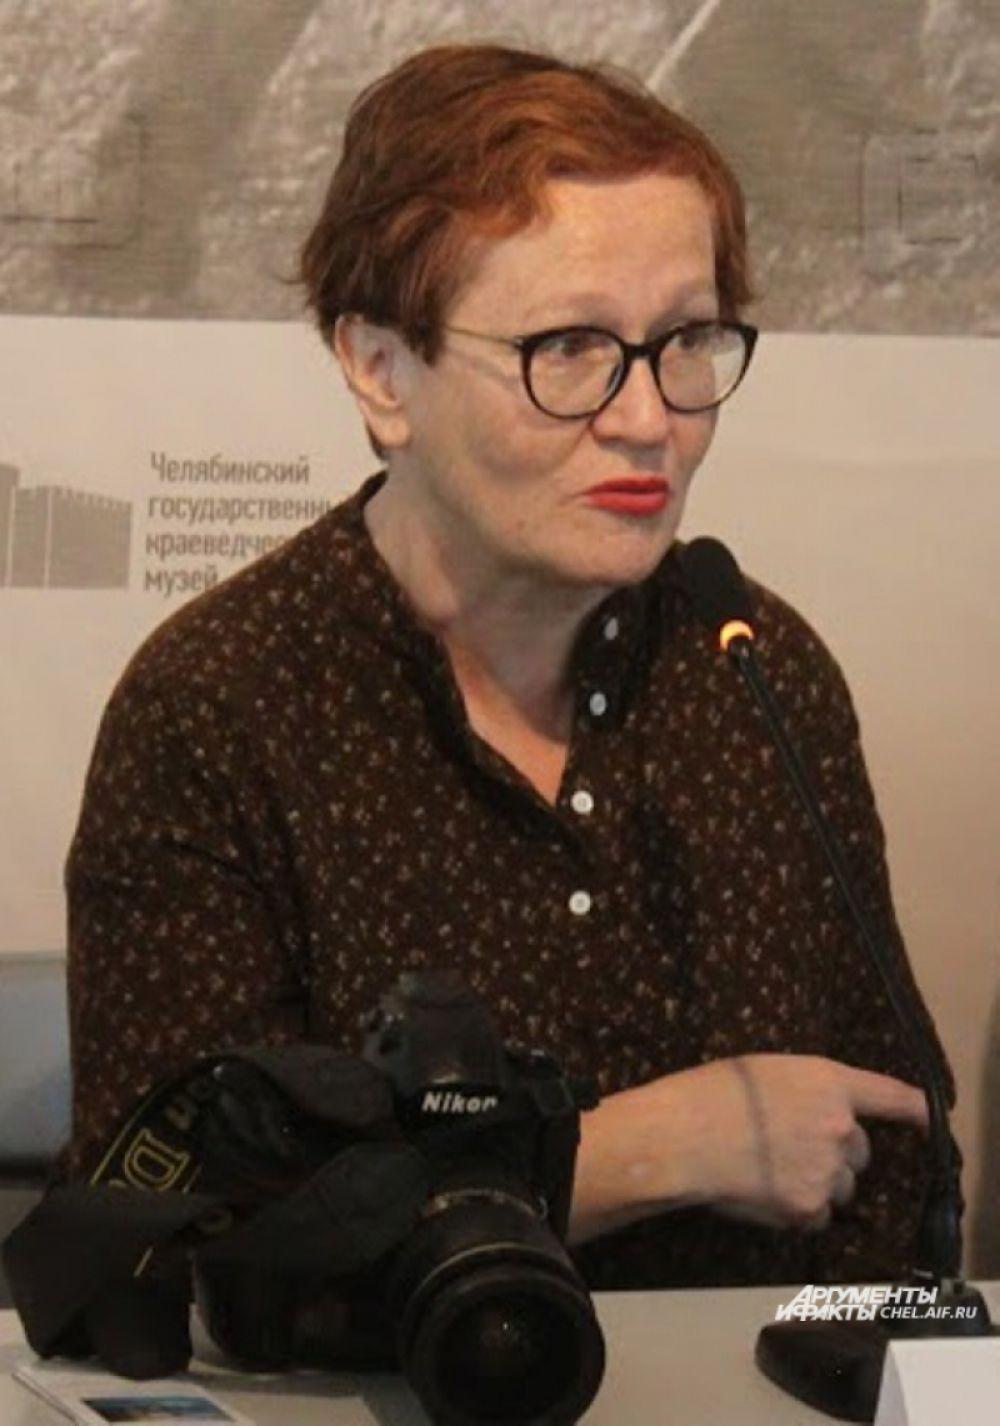 Виктория Ивлева - единственный журналист, побывавший внутри Реактора ЧАЭС после взрыва. На выставке представлены её ранее не публиковавшиеся снимки из Припяти.